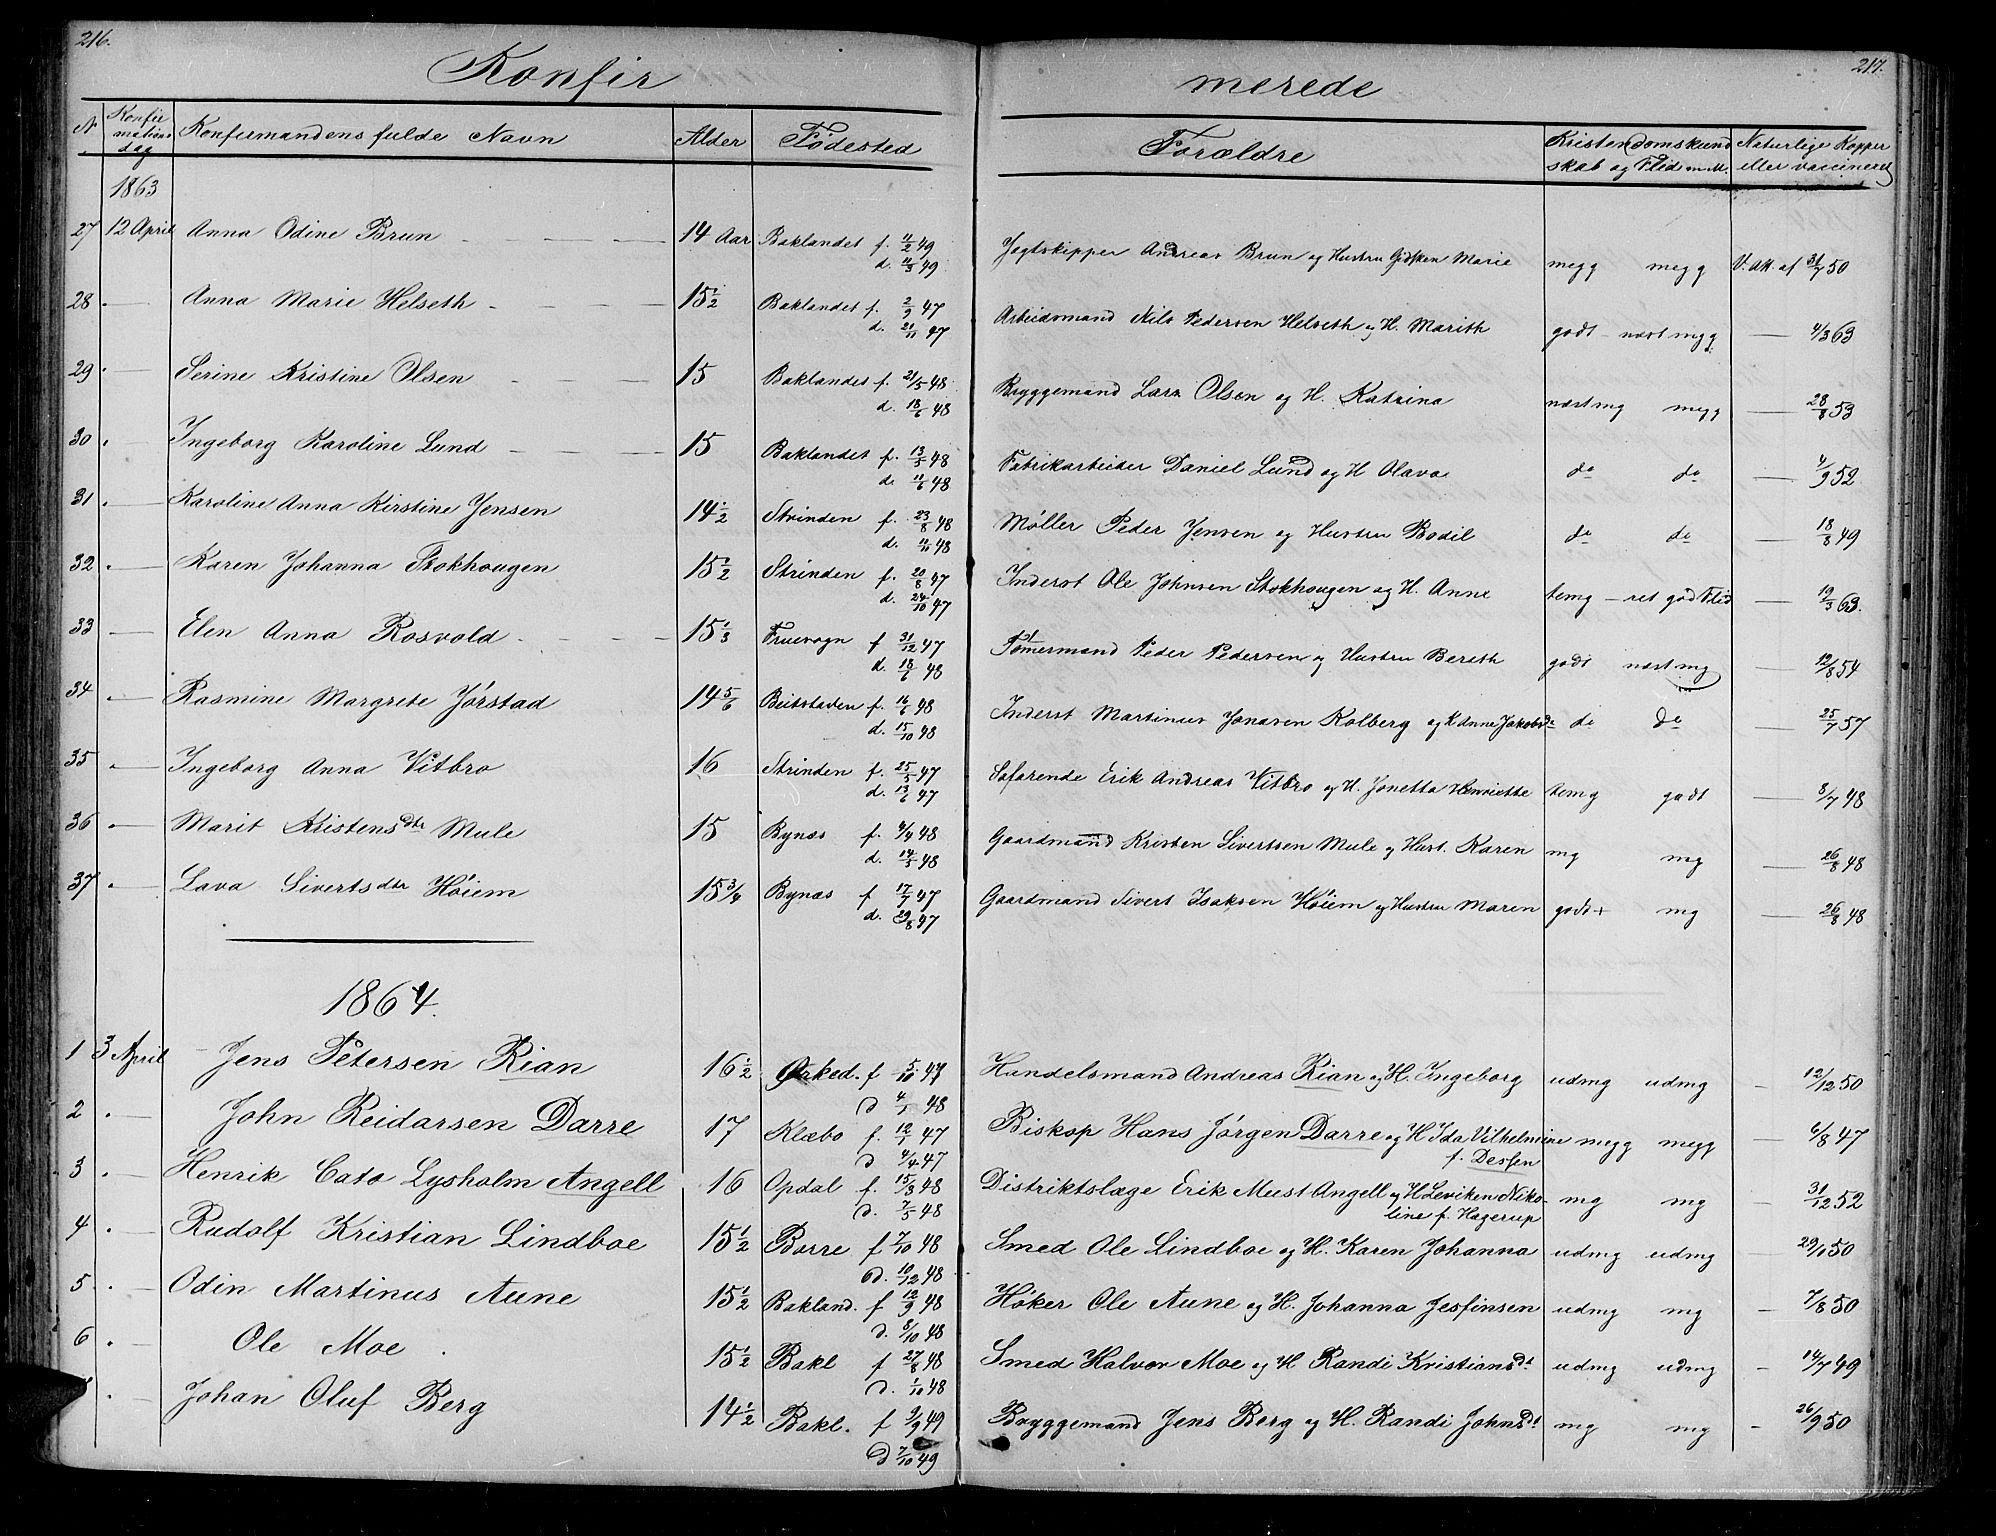 SAT, Ministerialprotokoller, klokkerbøker og fødselsregistre - Sør-Trøndelag, 604/L0219: Klokkerbok nr. 604C02, 1851-1869, s. 216-217